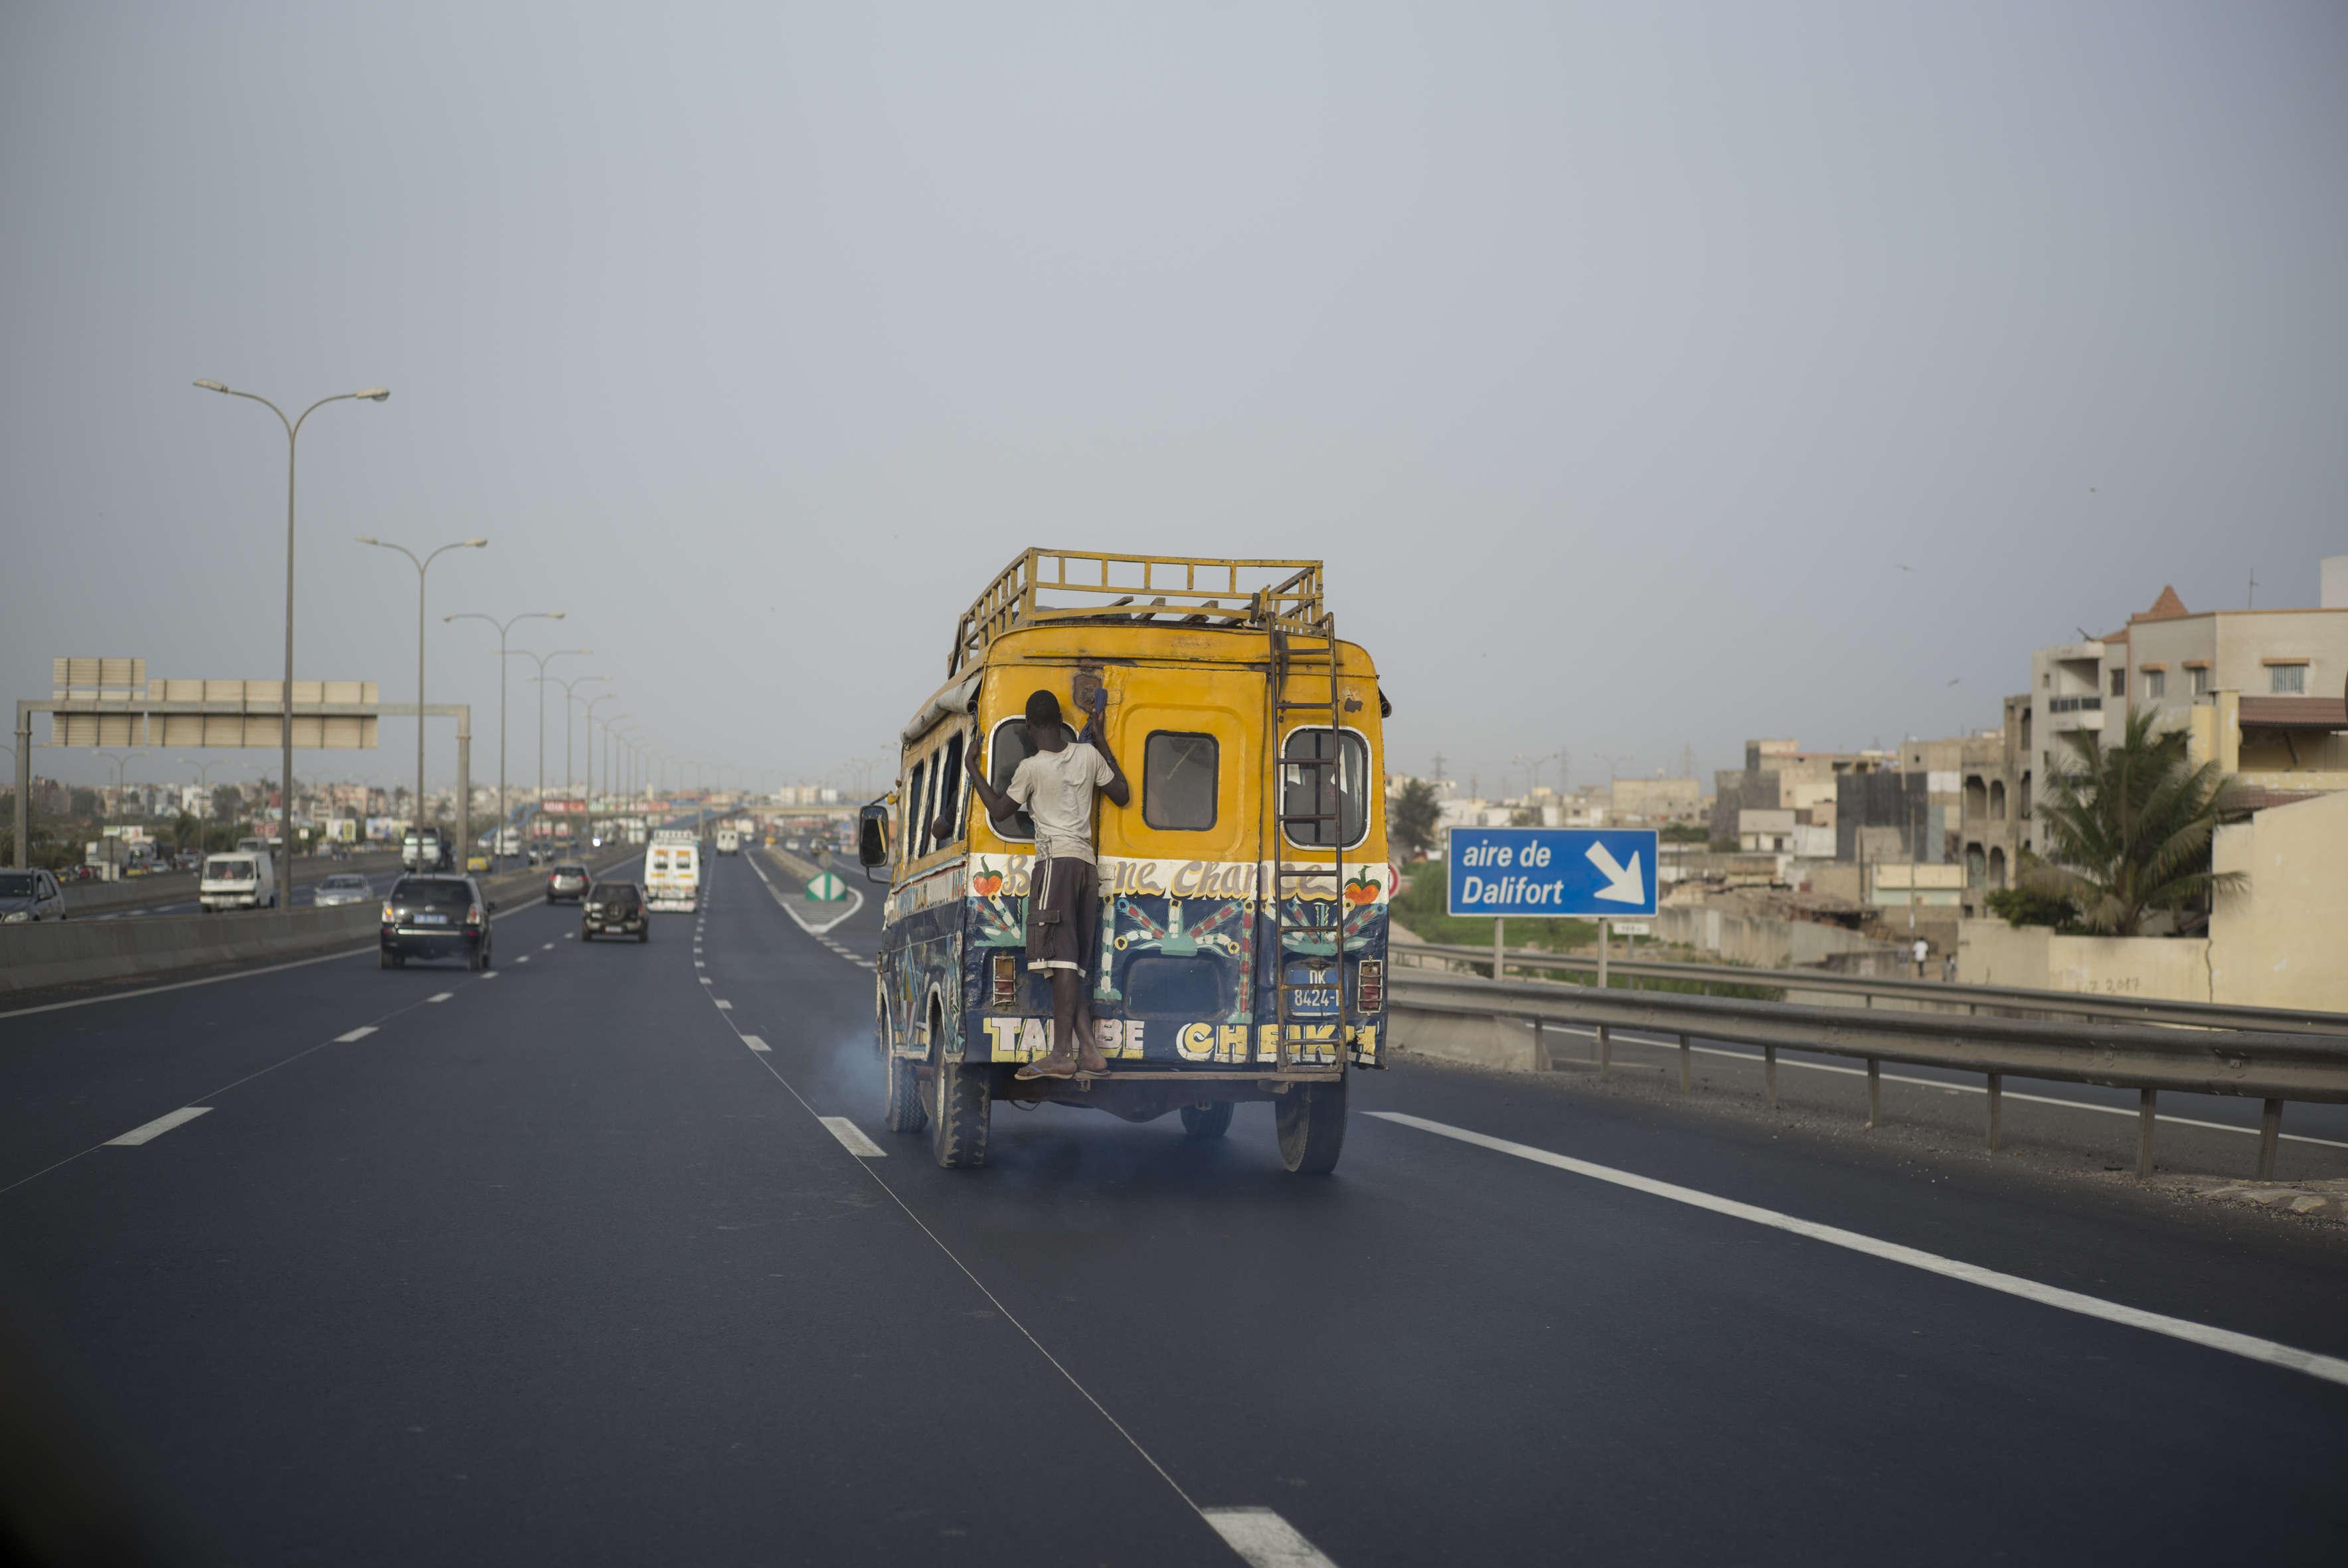 Dakar, mai 2017. L'autoroute à péage, dont la construction a commencé sous Abdoulaye Wade en 2005, a été achevée par son successeur, Macky Sall, en 2013. Elle contourne la Nationale 1, à l'entrée de Rufisque pour rallier la ville périphérique de Diamniadio.